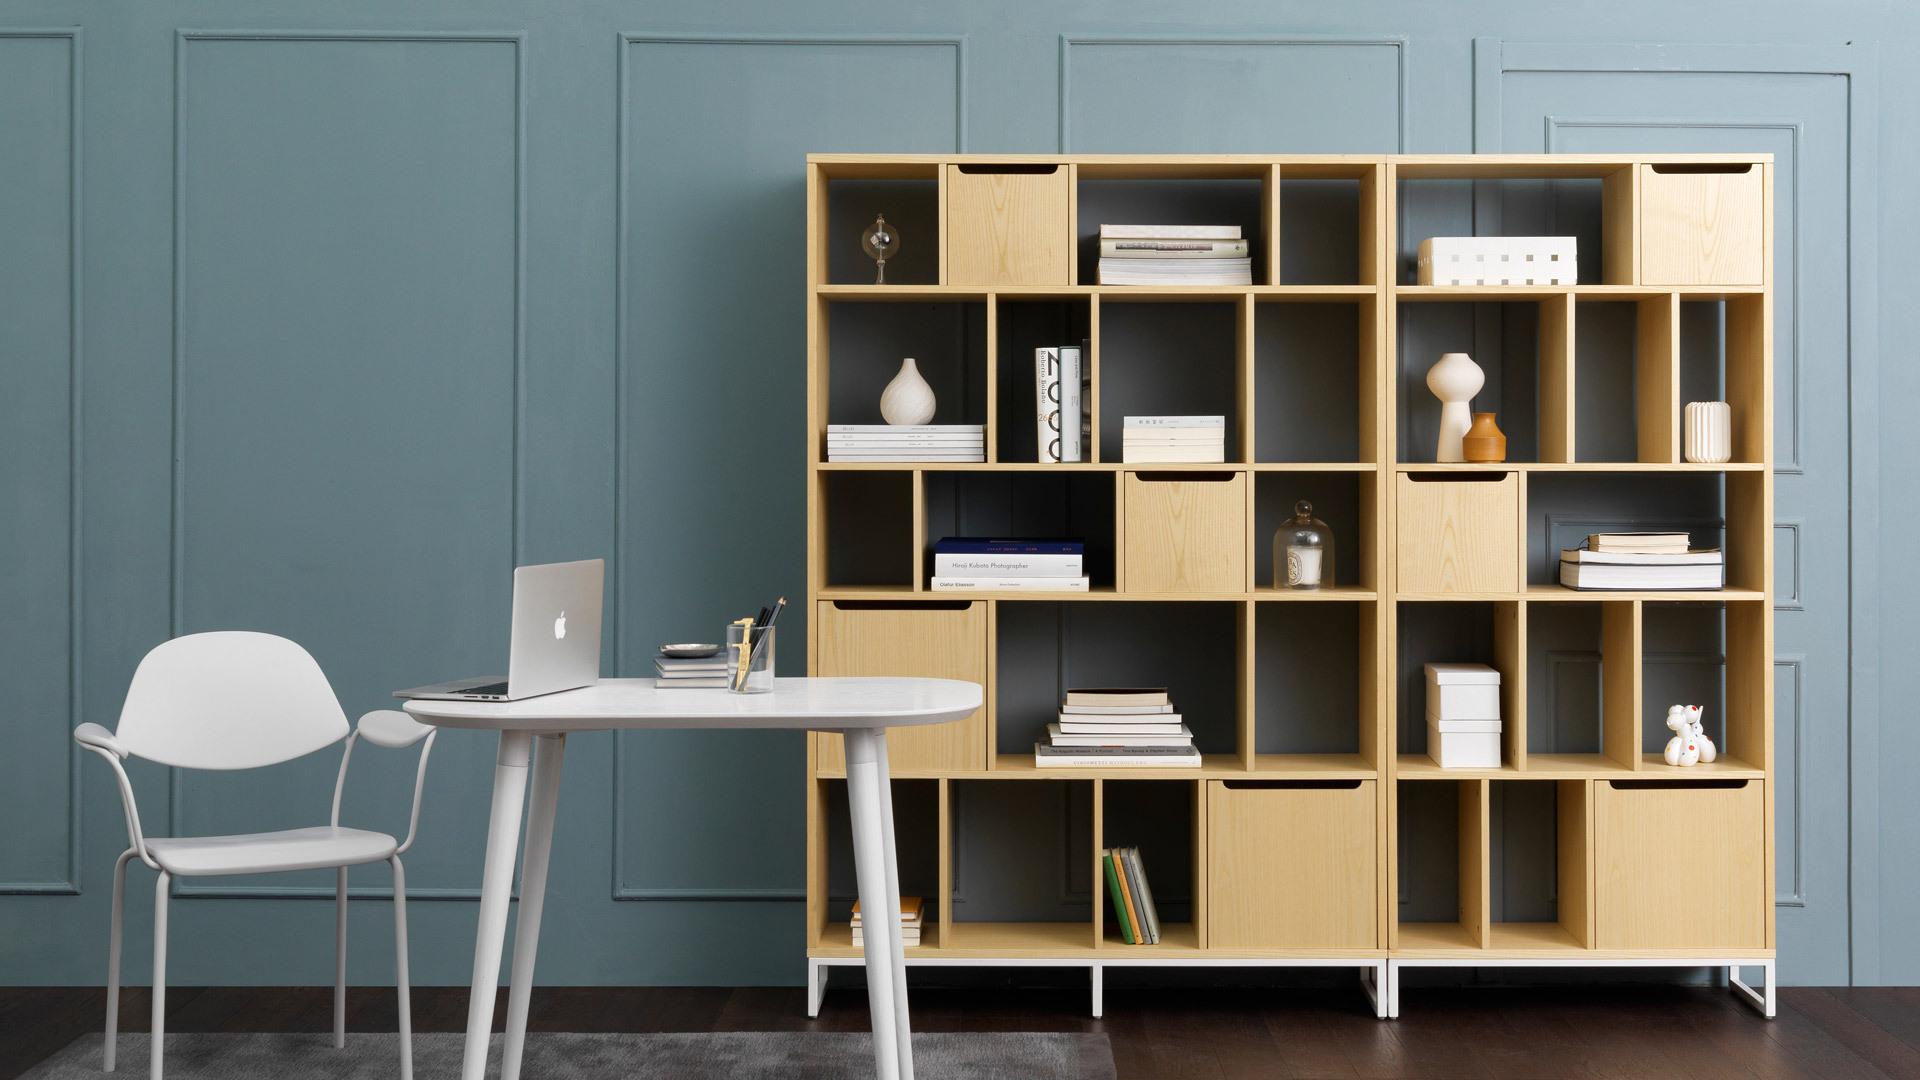 用画板书架为书房垫一层有温度的木质基调,两种尺寸联排使用,为安静的创作和阅读空间点上优雅的书香。